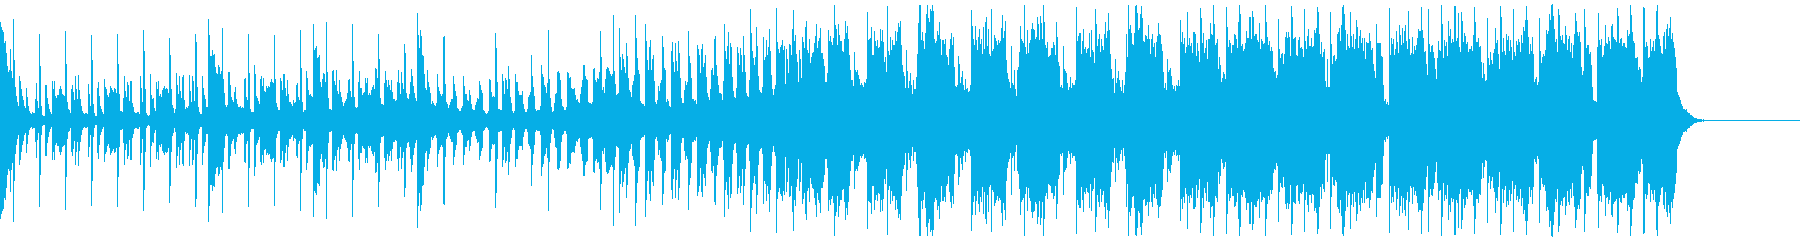 楽しい疾走感のあるEDMの再生済みの波形